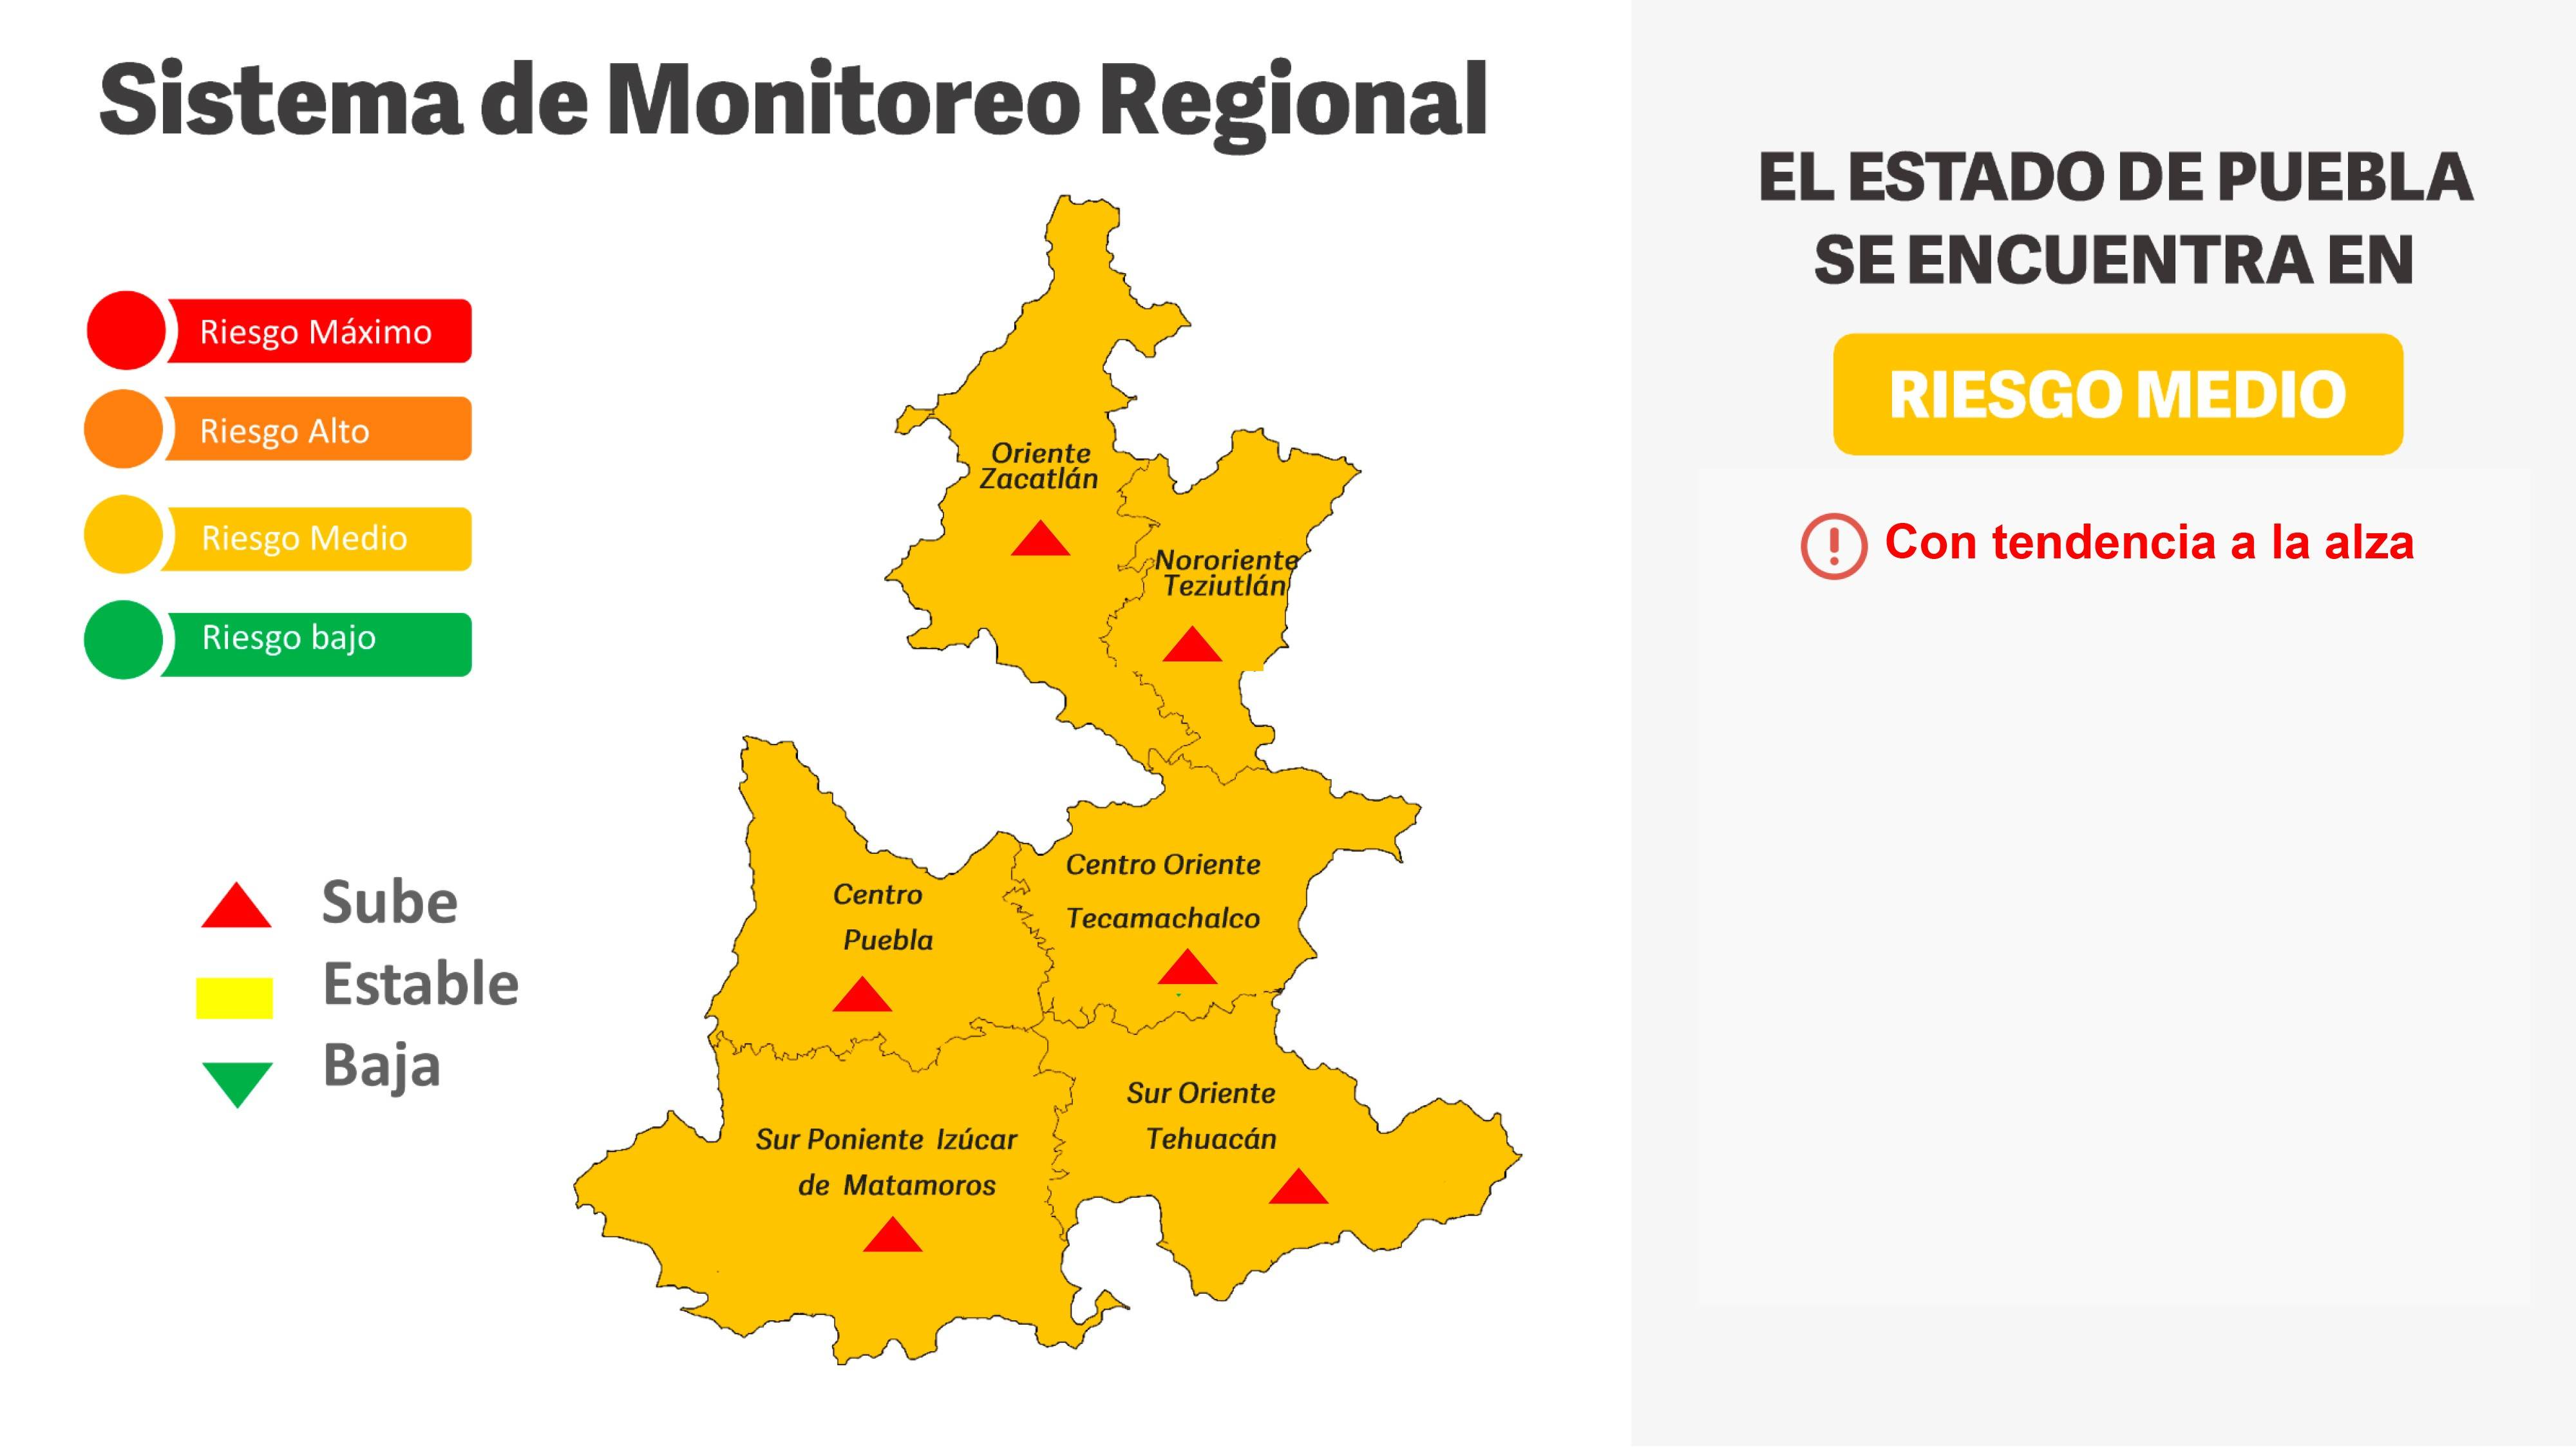 El estado de Puebla registra una tendencia a la alza en casos de covid-19 confirmados. Fuente: Gobierno del estado.